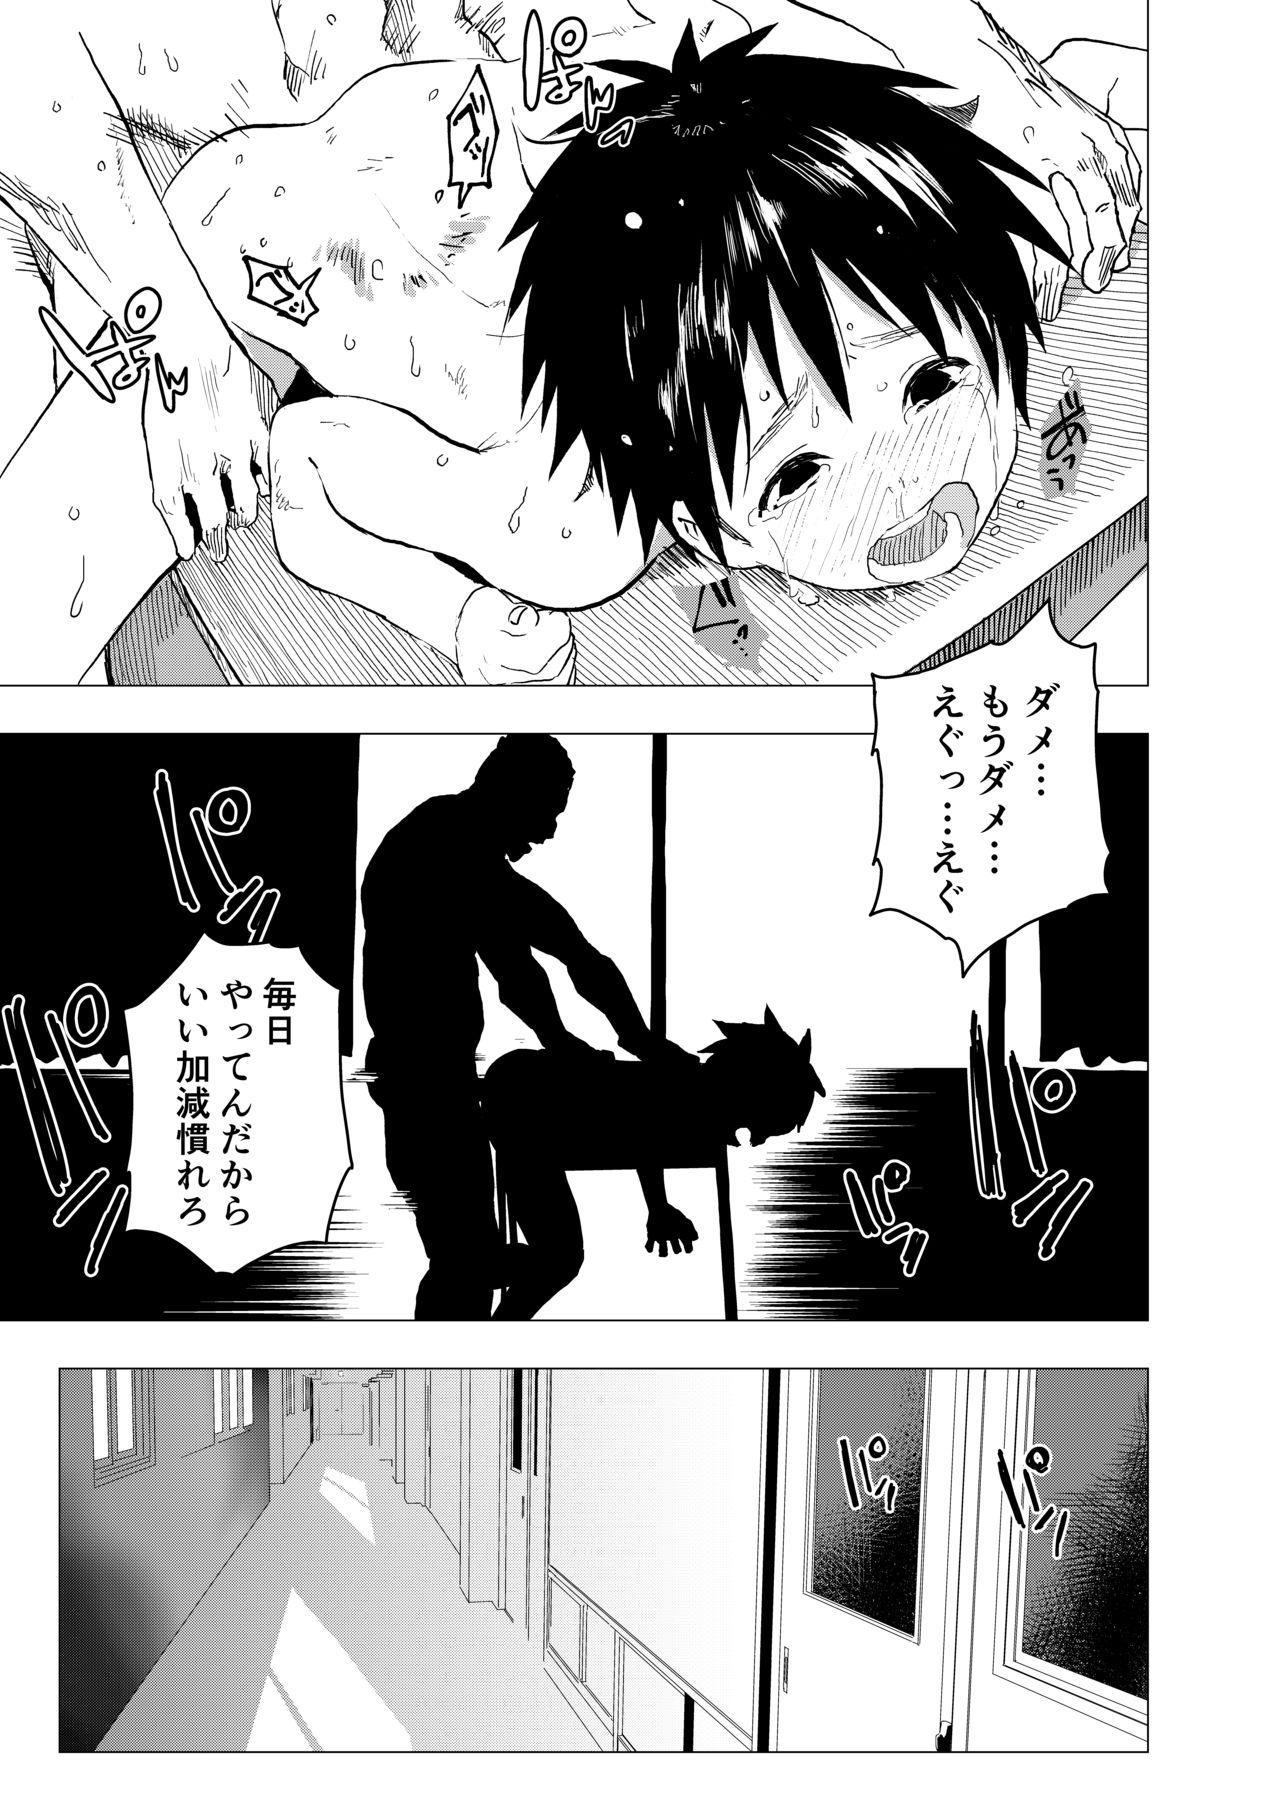 Ibasho ga Nainode Kami-machi Shite Mita Suterareta Shounen no Eromanga 8